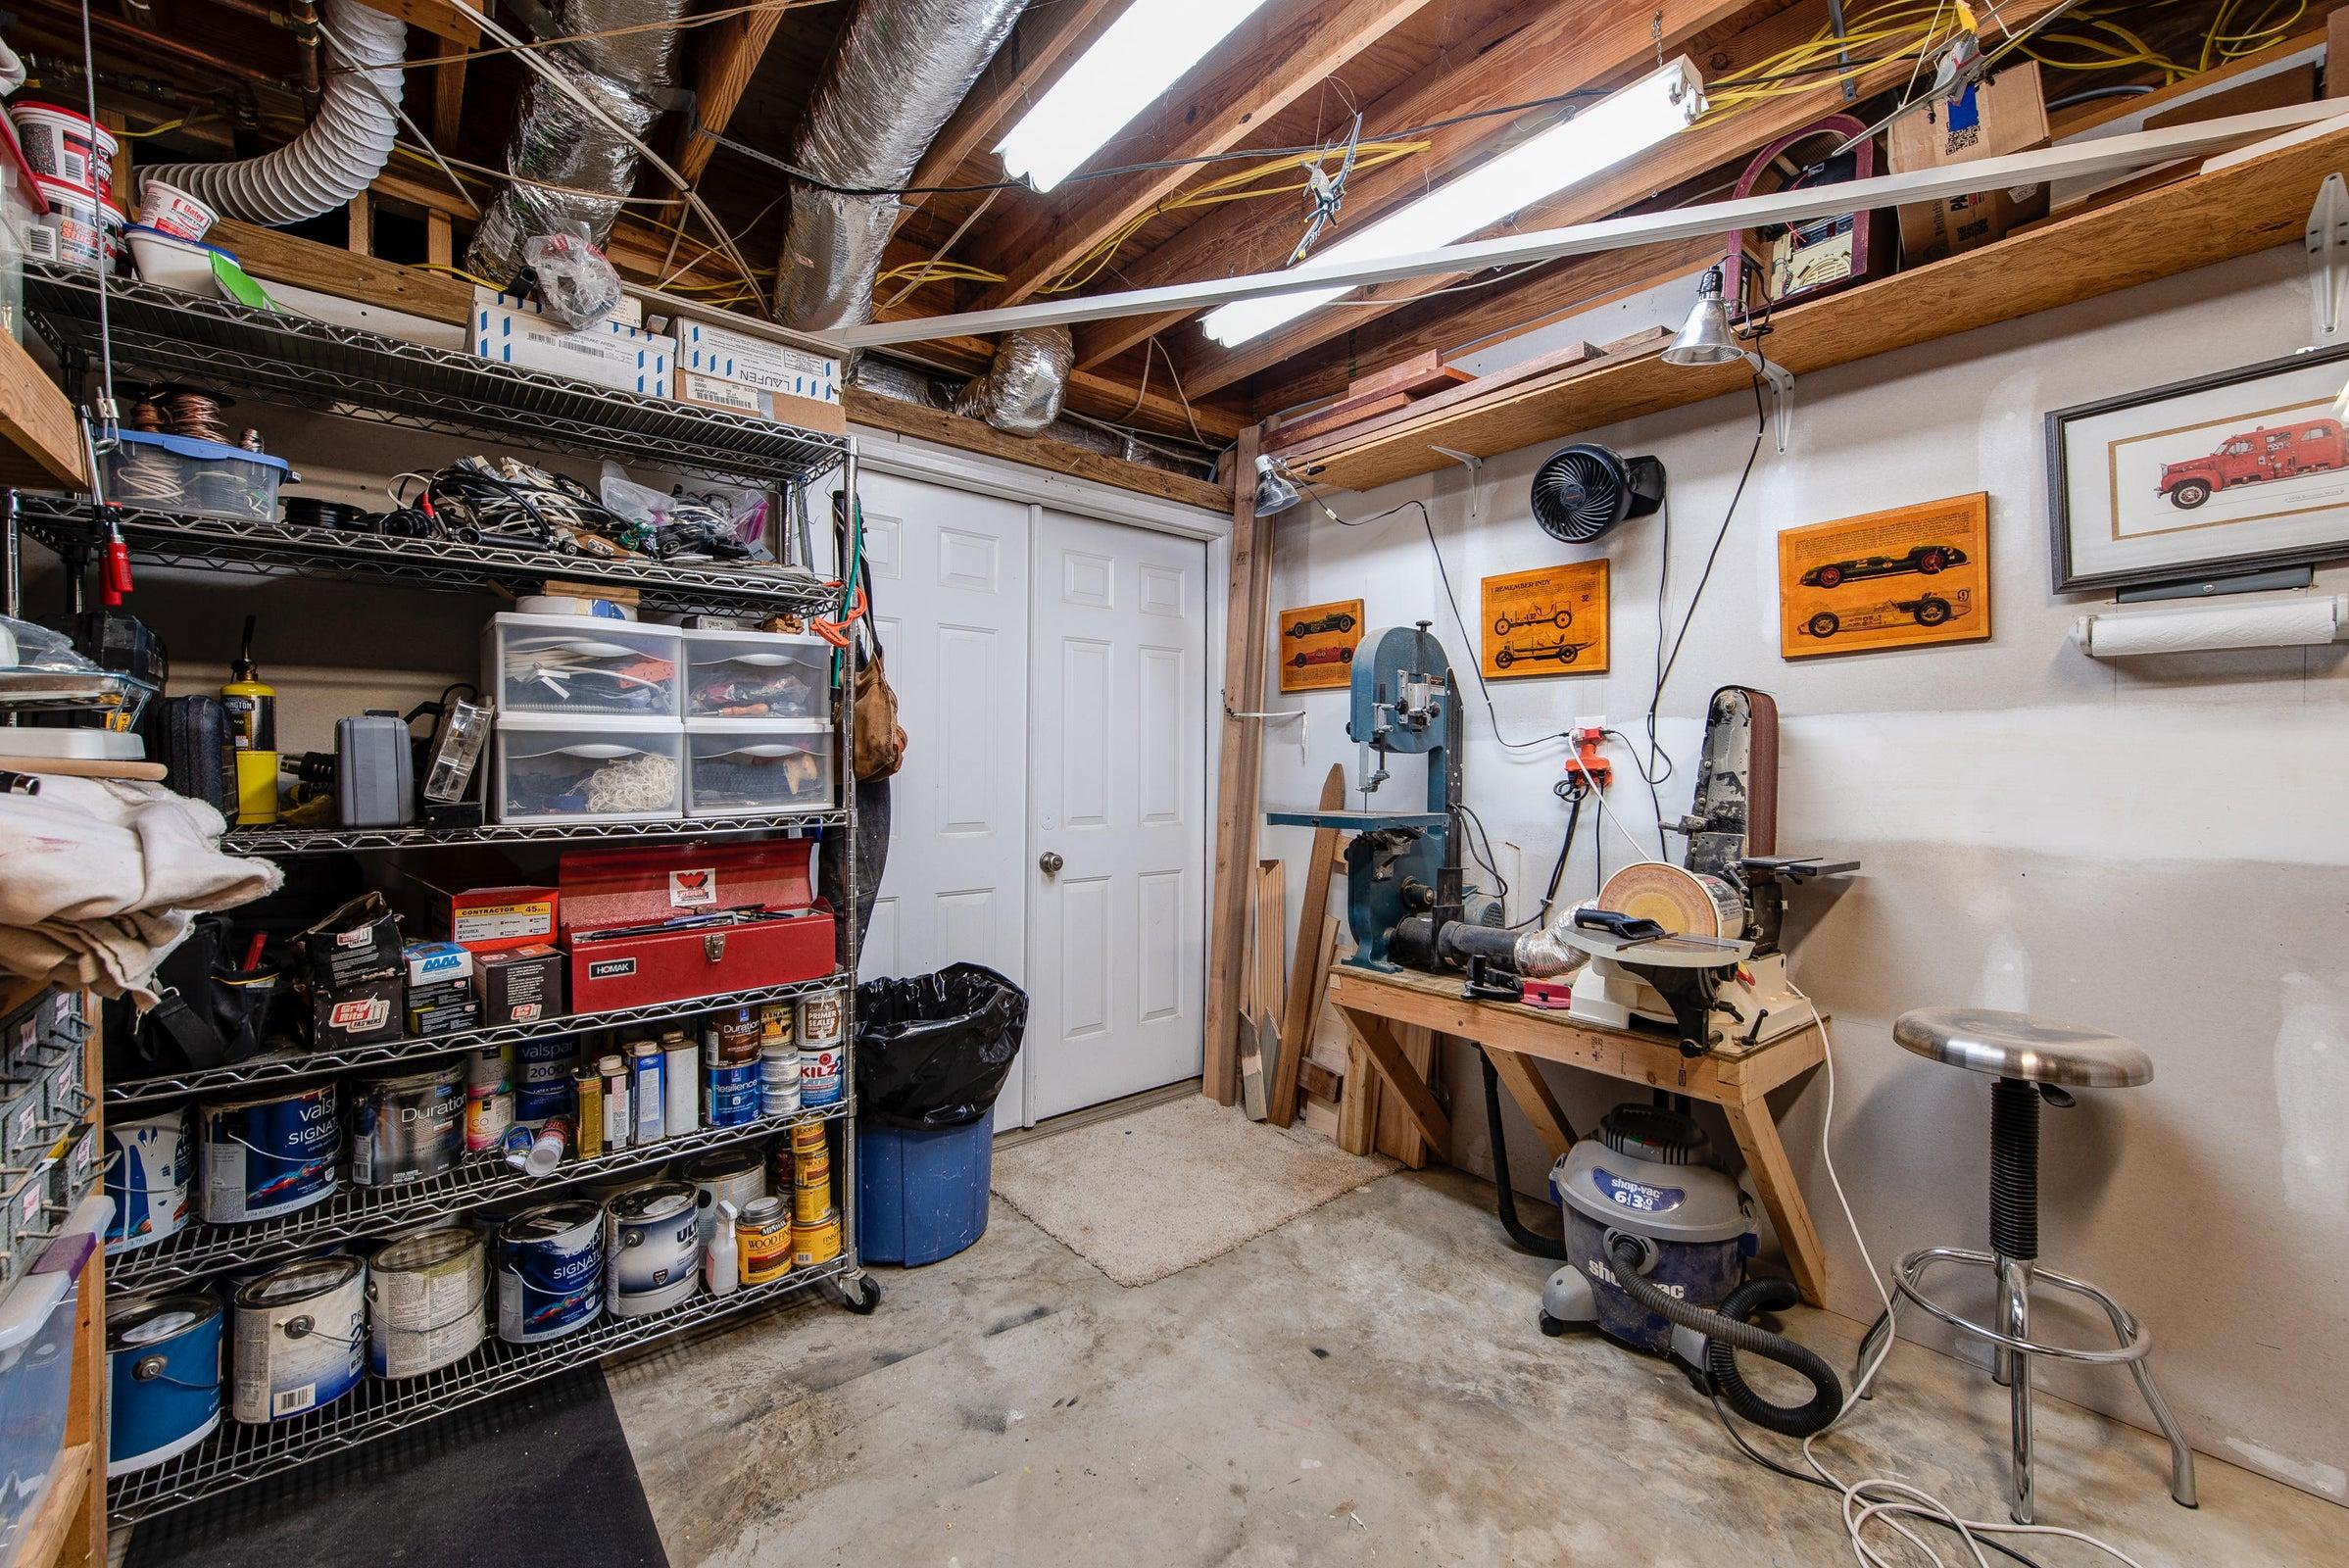 basement - enclosed workshop